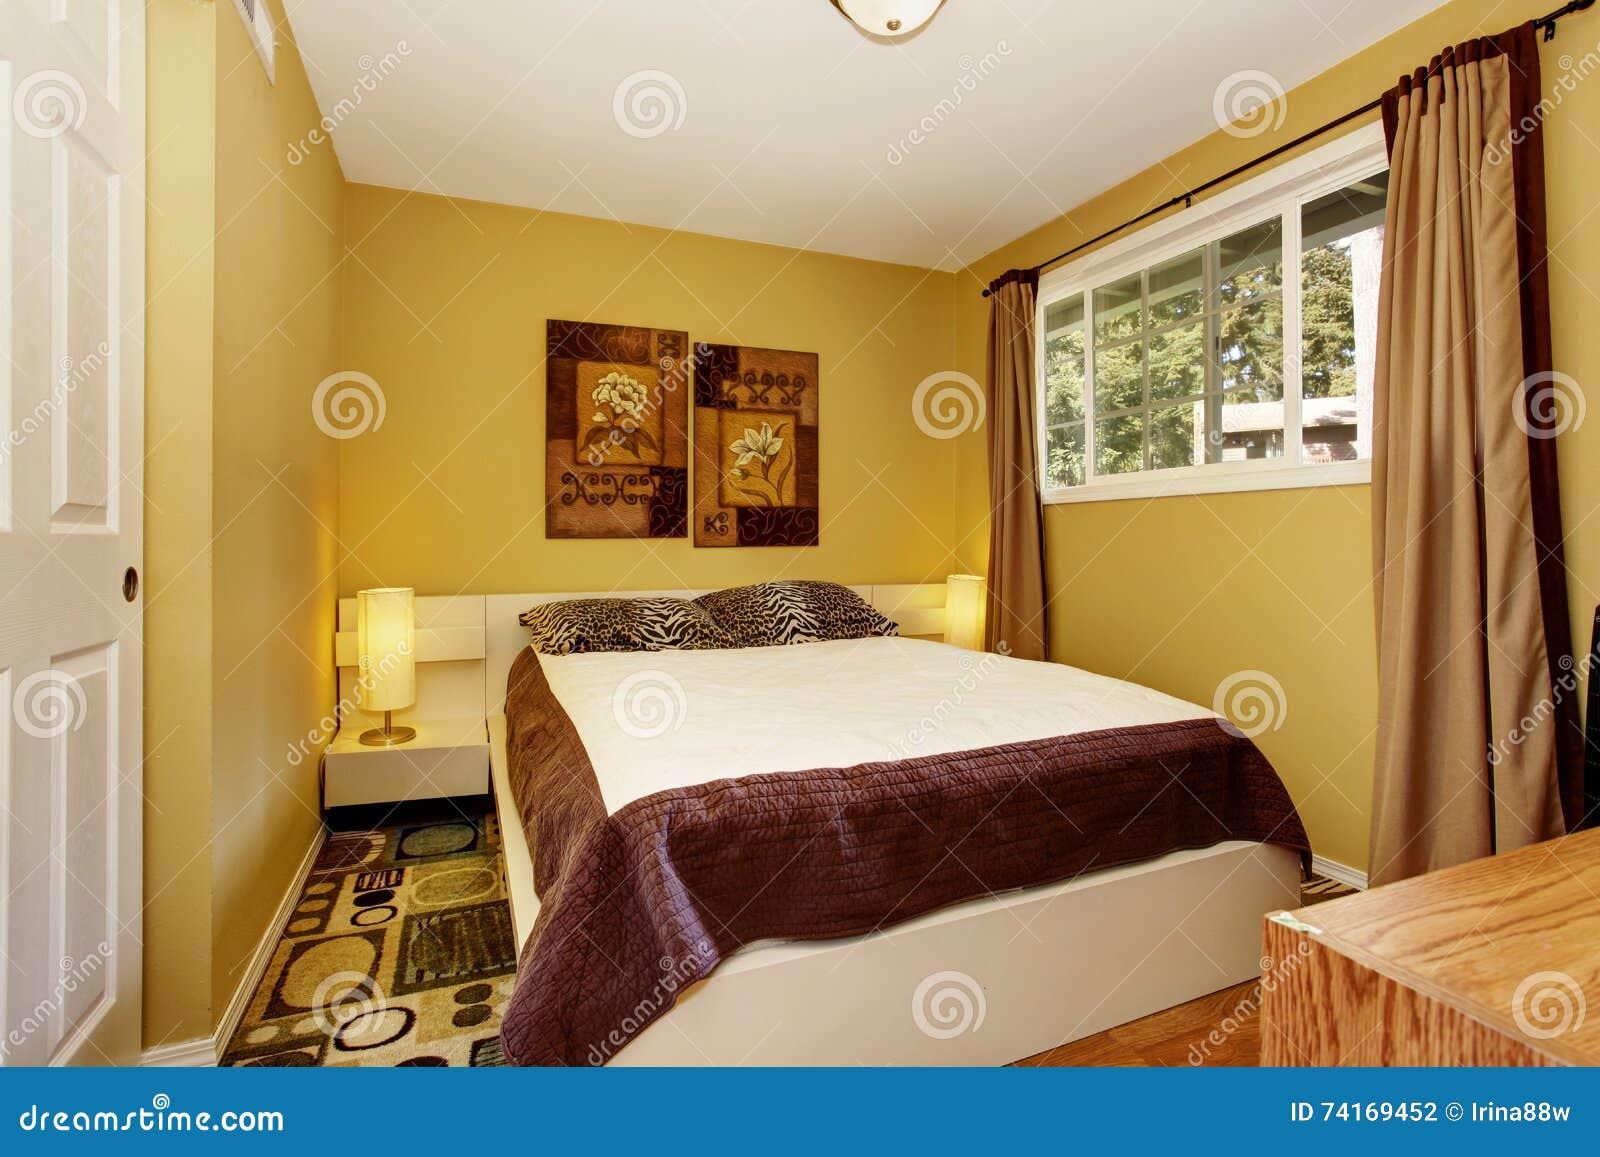 Amerikanisches Gelbes Schlafzimmer Mit Weißer Und Brauner Bettwäsche ...